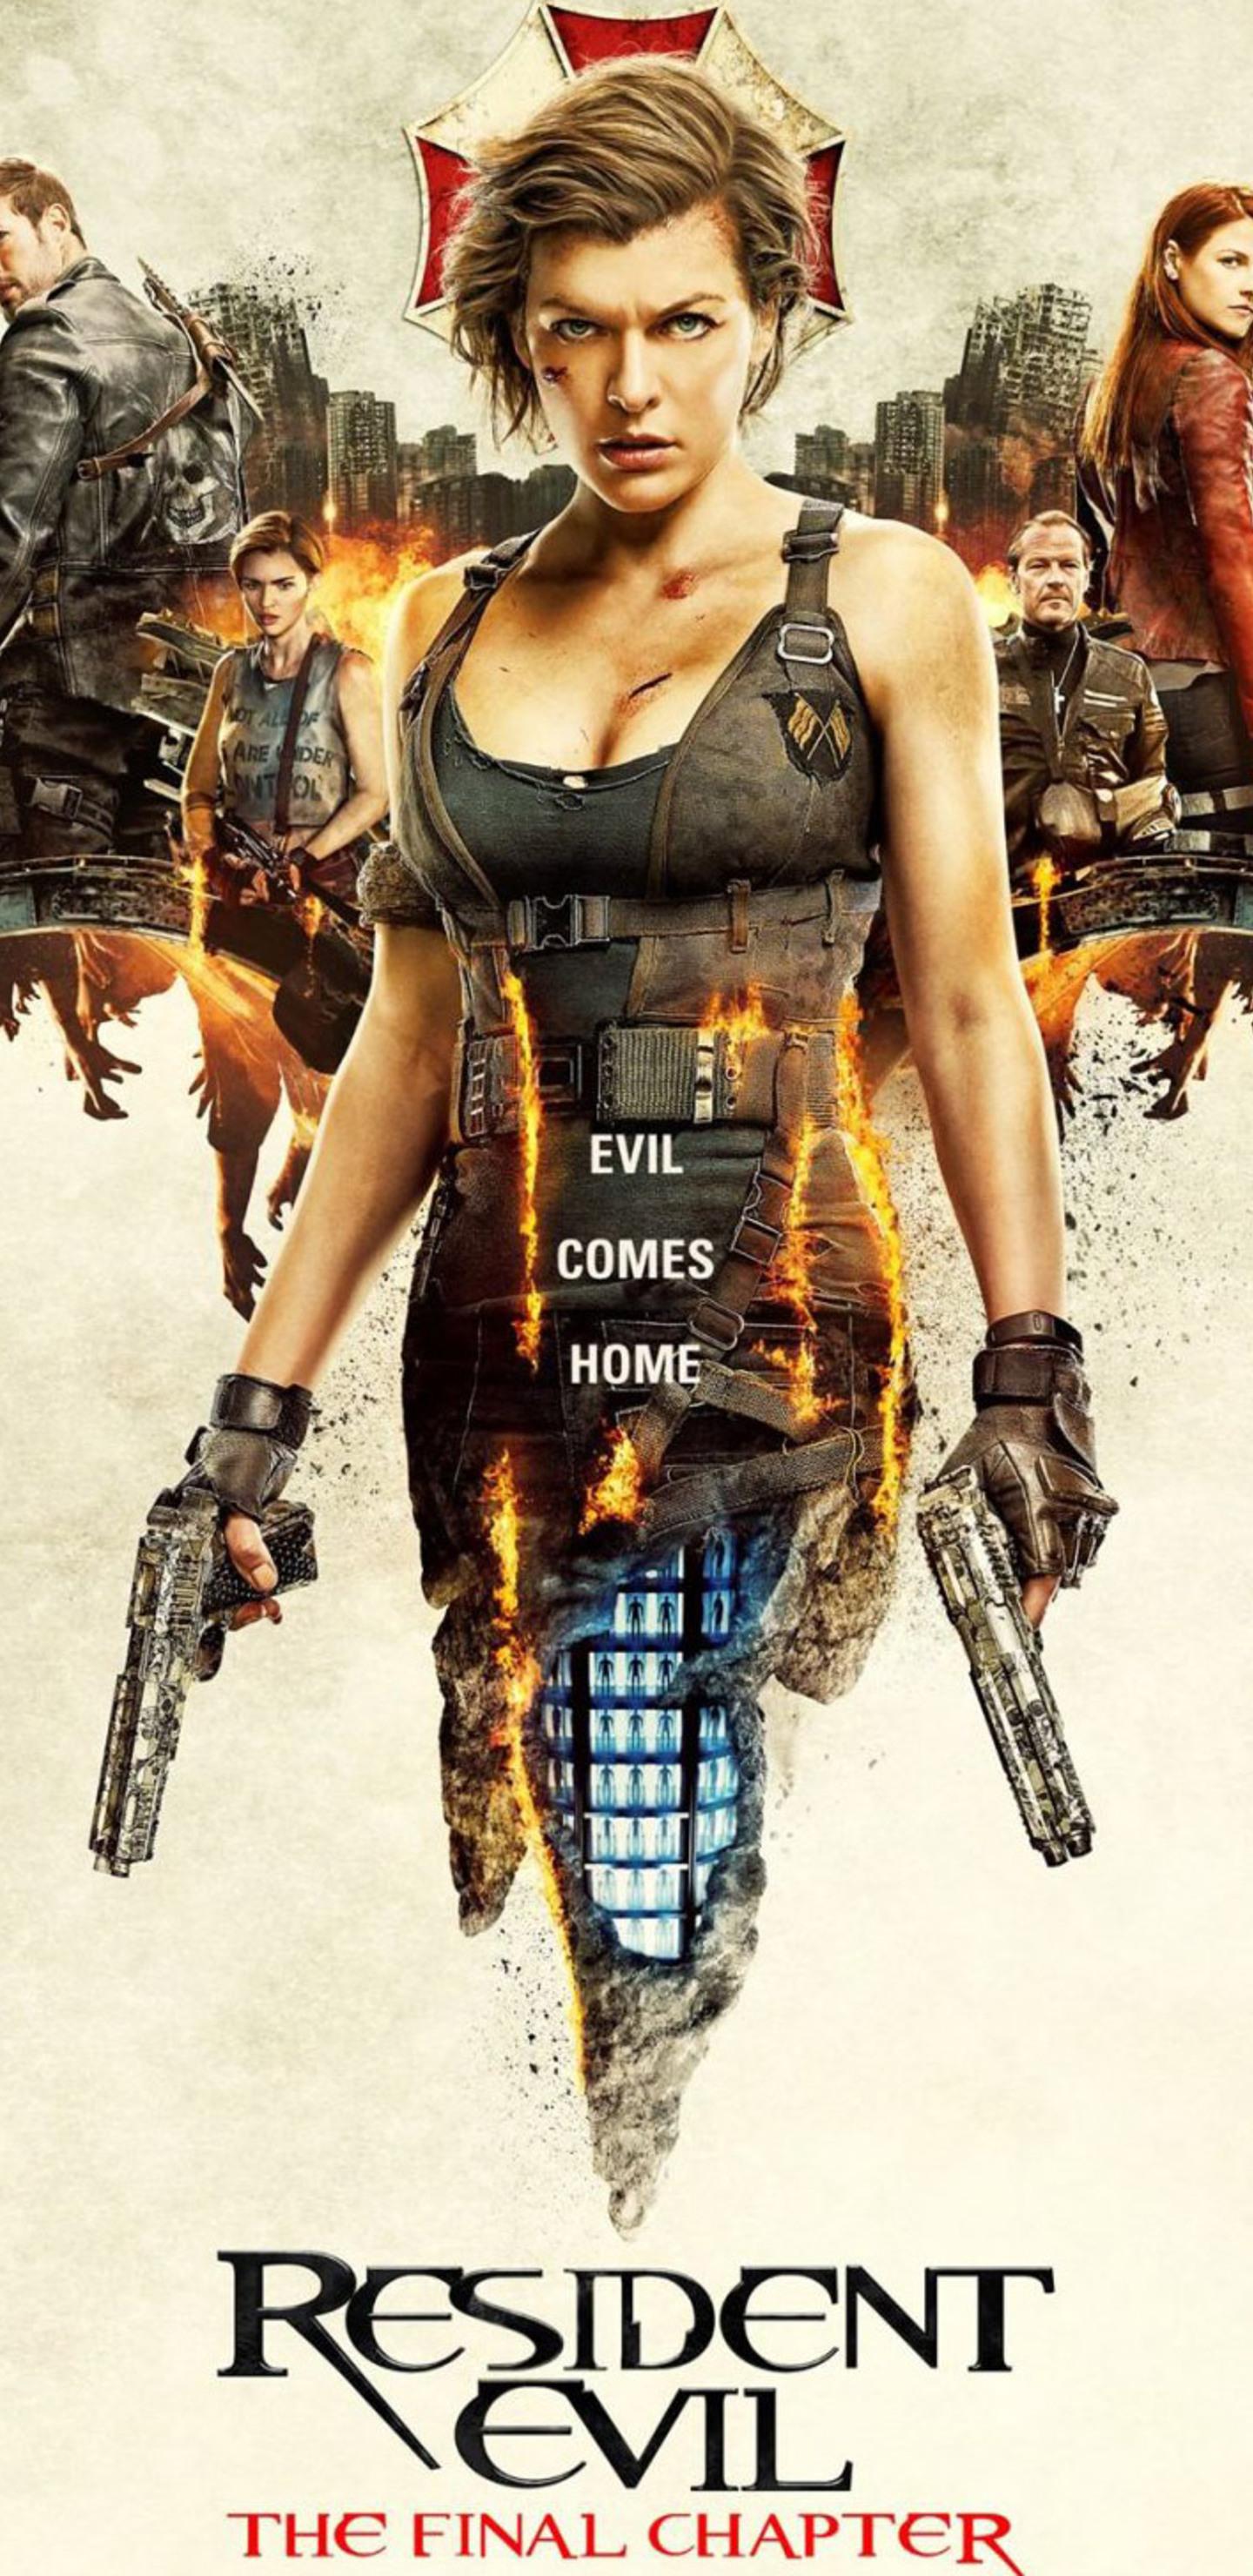 resident-evil-the-final-chapter-4k-2016-movie-4k.jpg